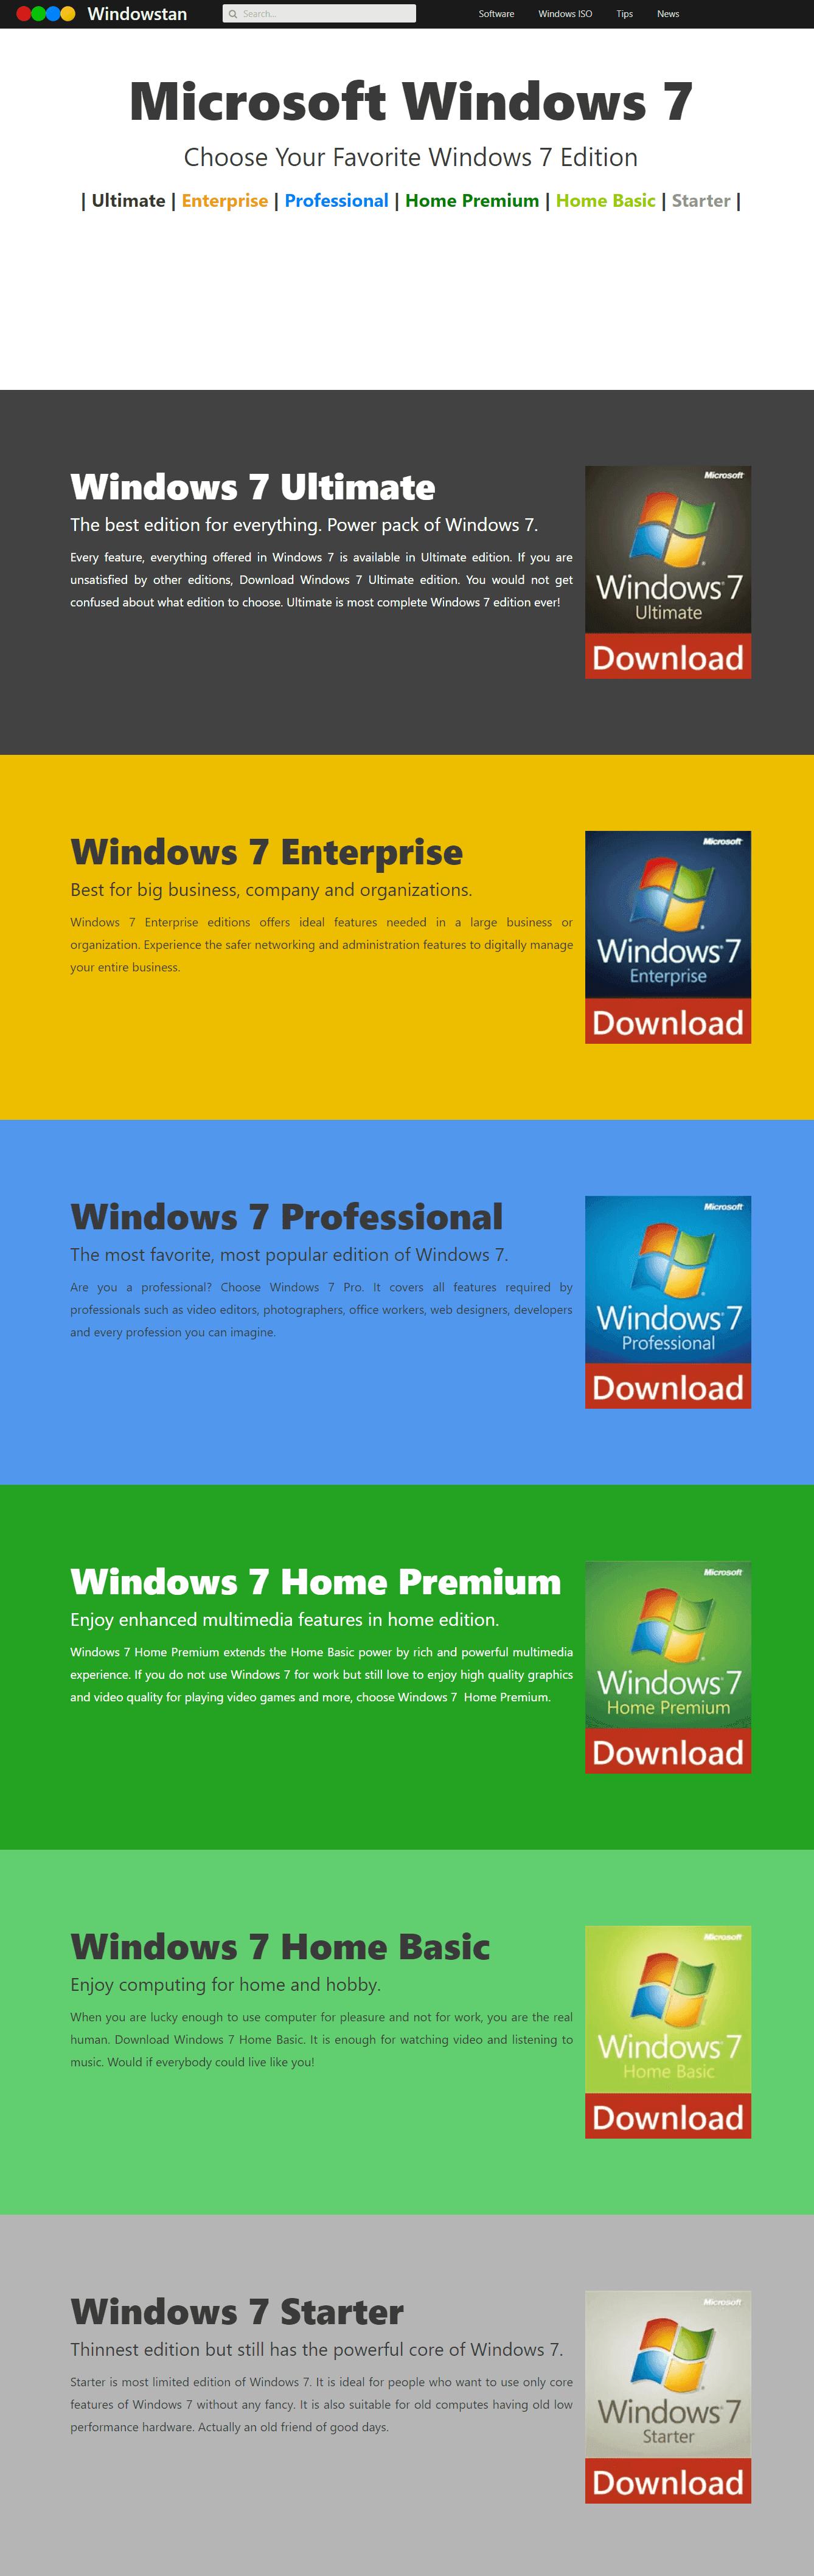 Windows 7 Editions compare